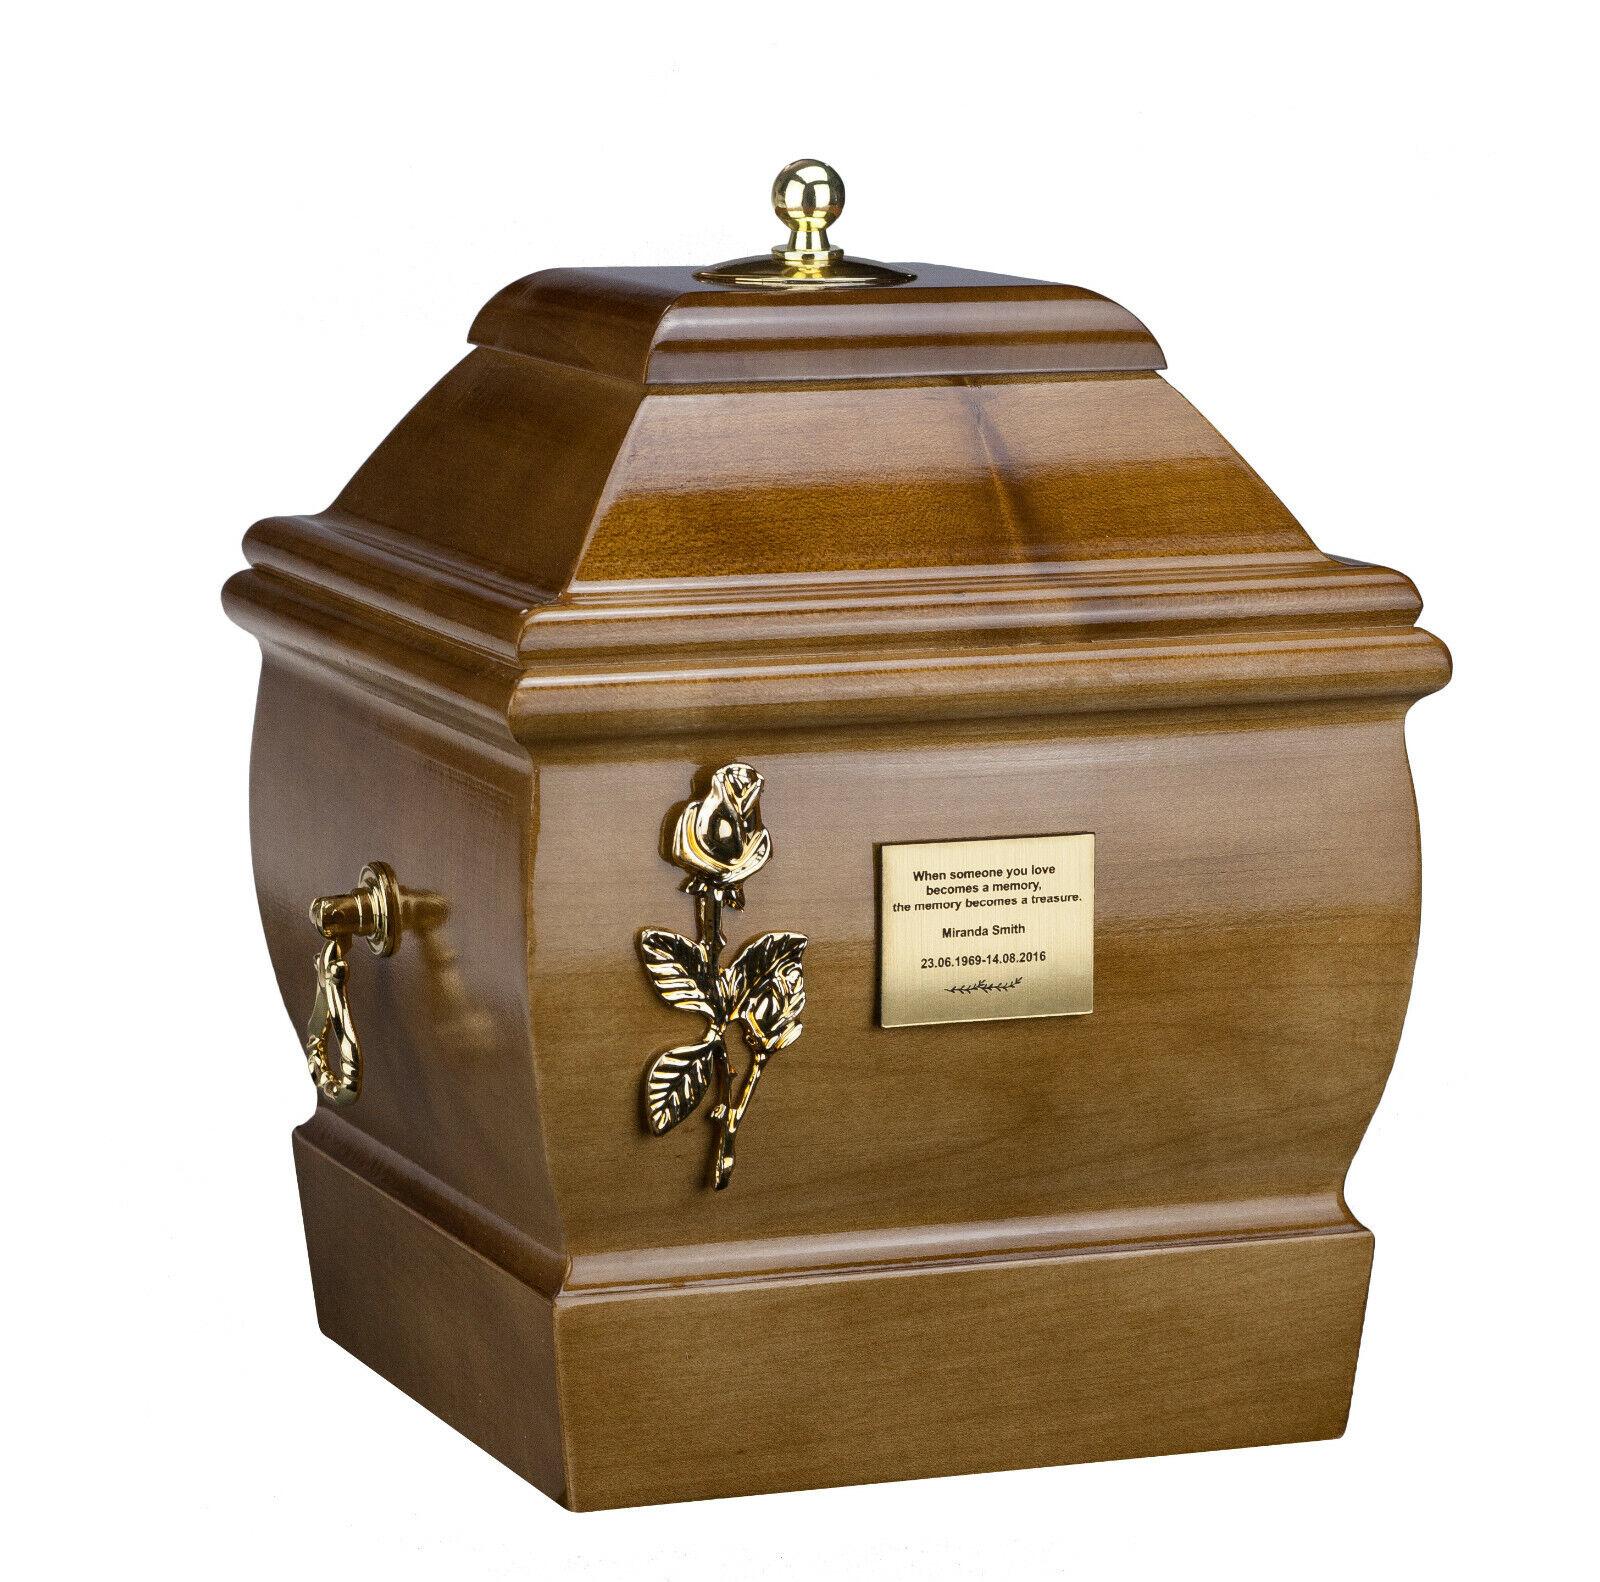 Beau Bois Solide Cercueil Enterrement Urne de Cendres pour Adulte Crémation